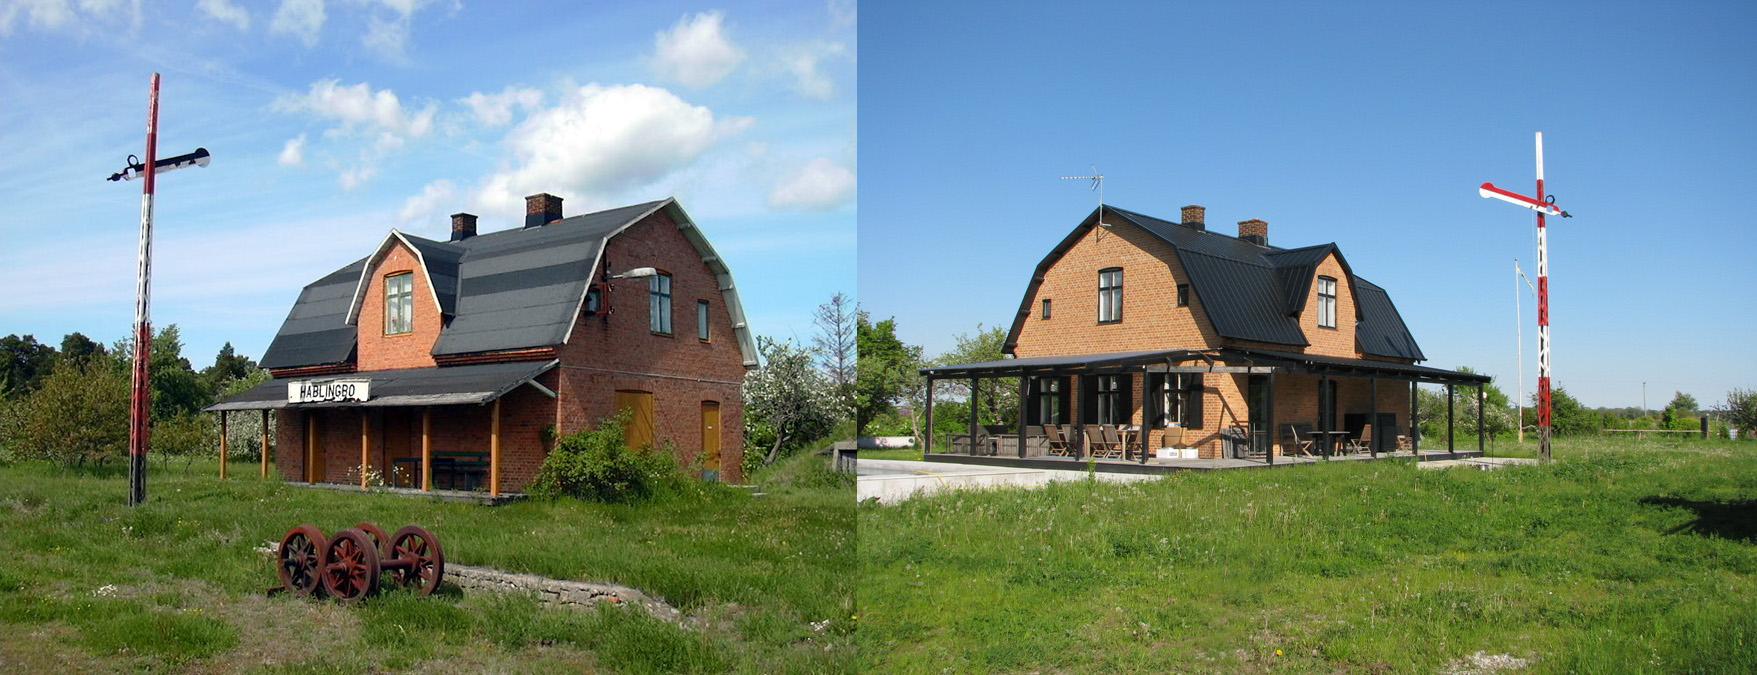 Hablingbo stn 2003 2013